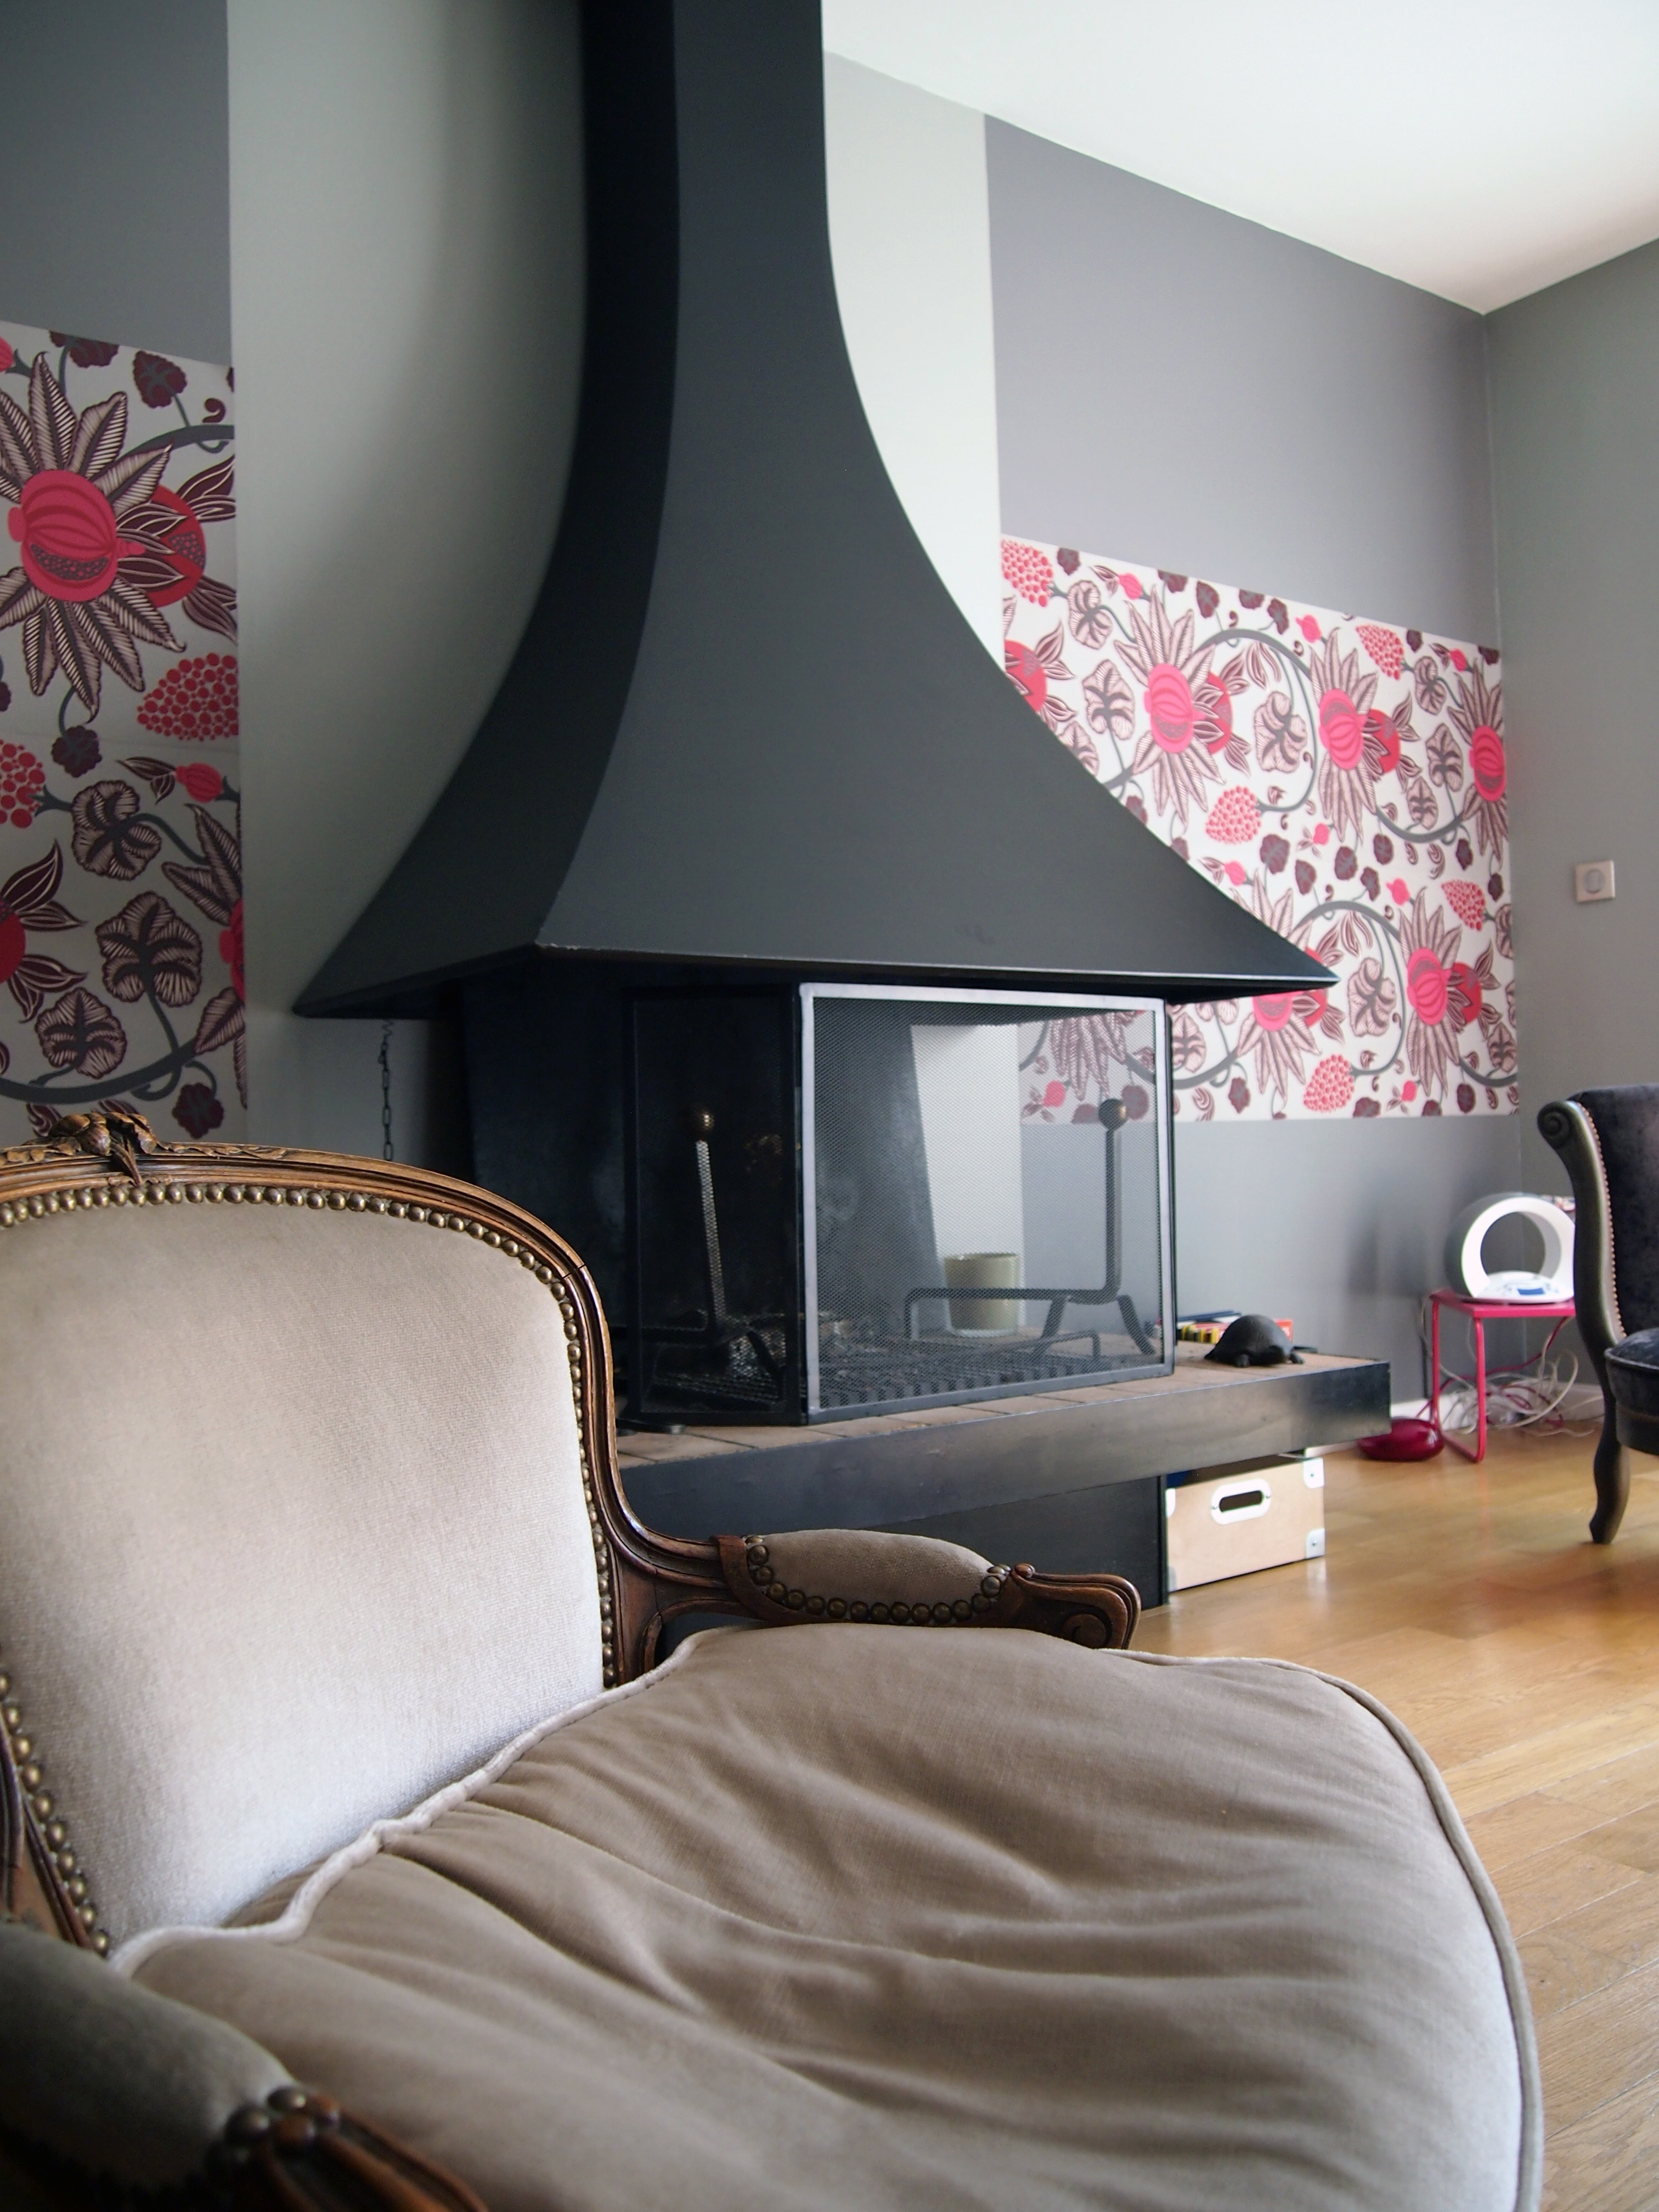 Pavillon - Fontenay sous bois